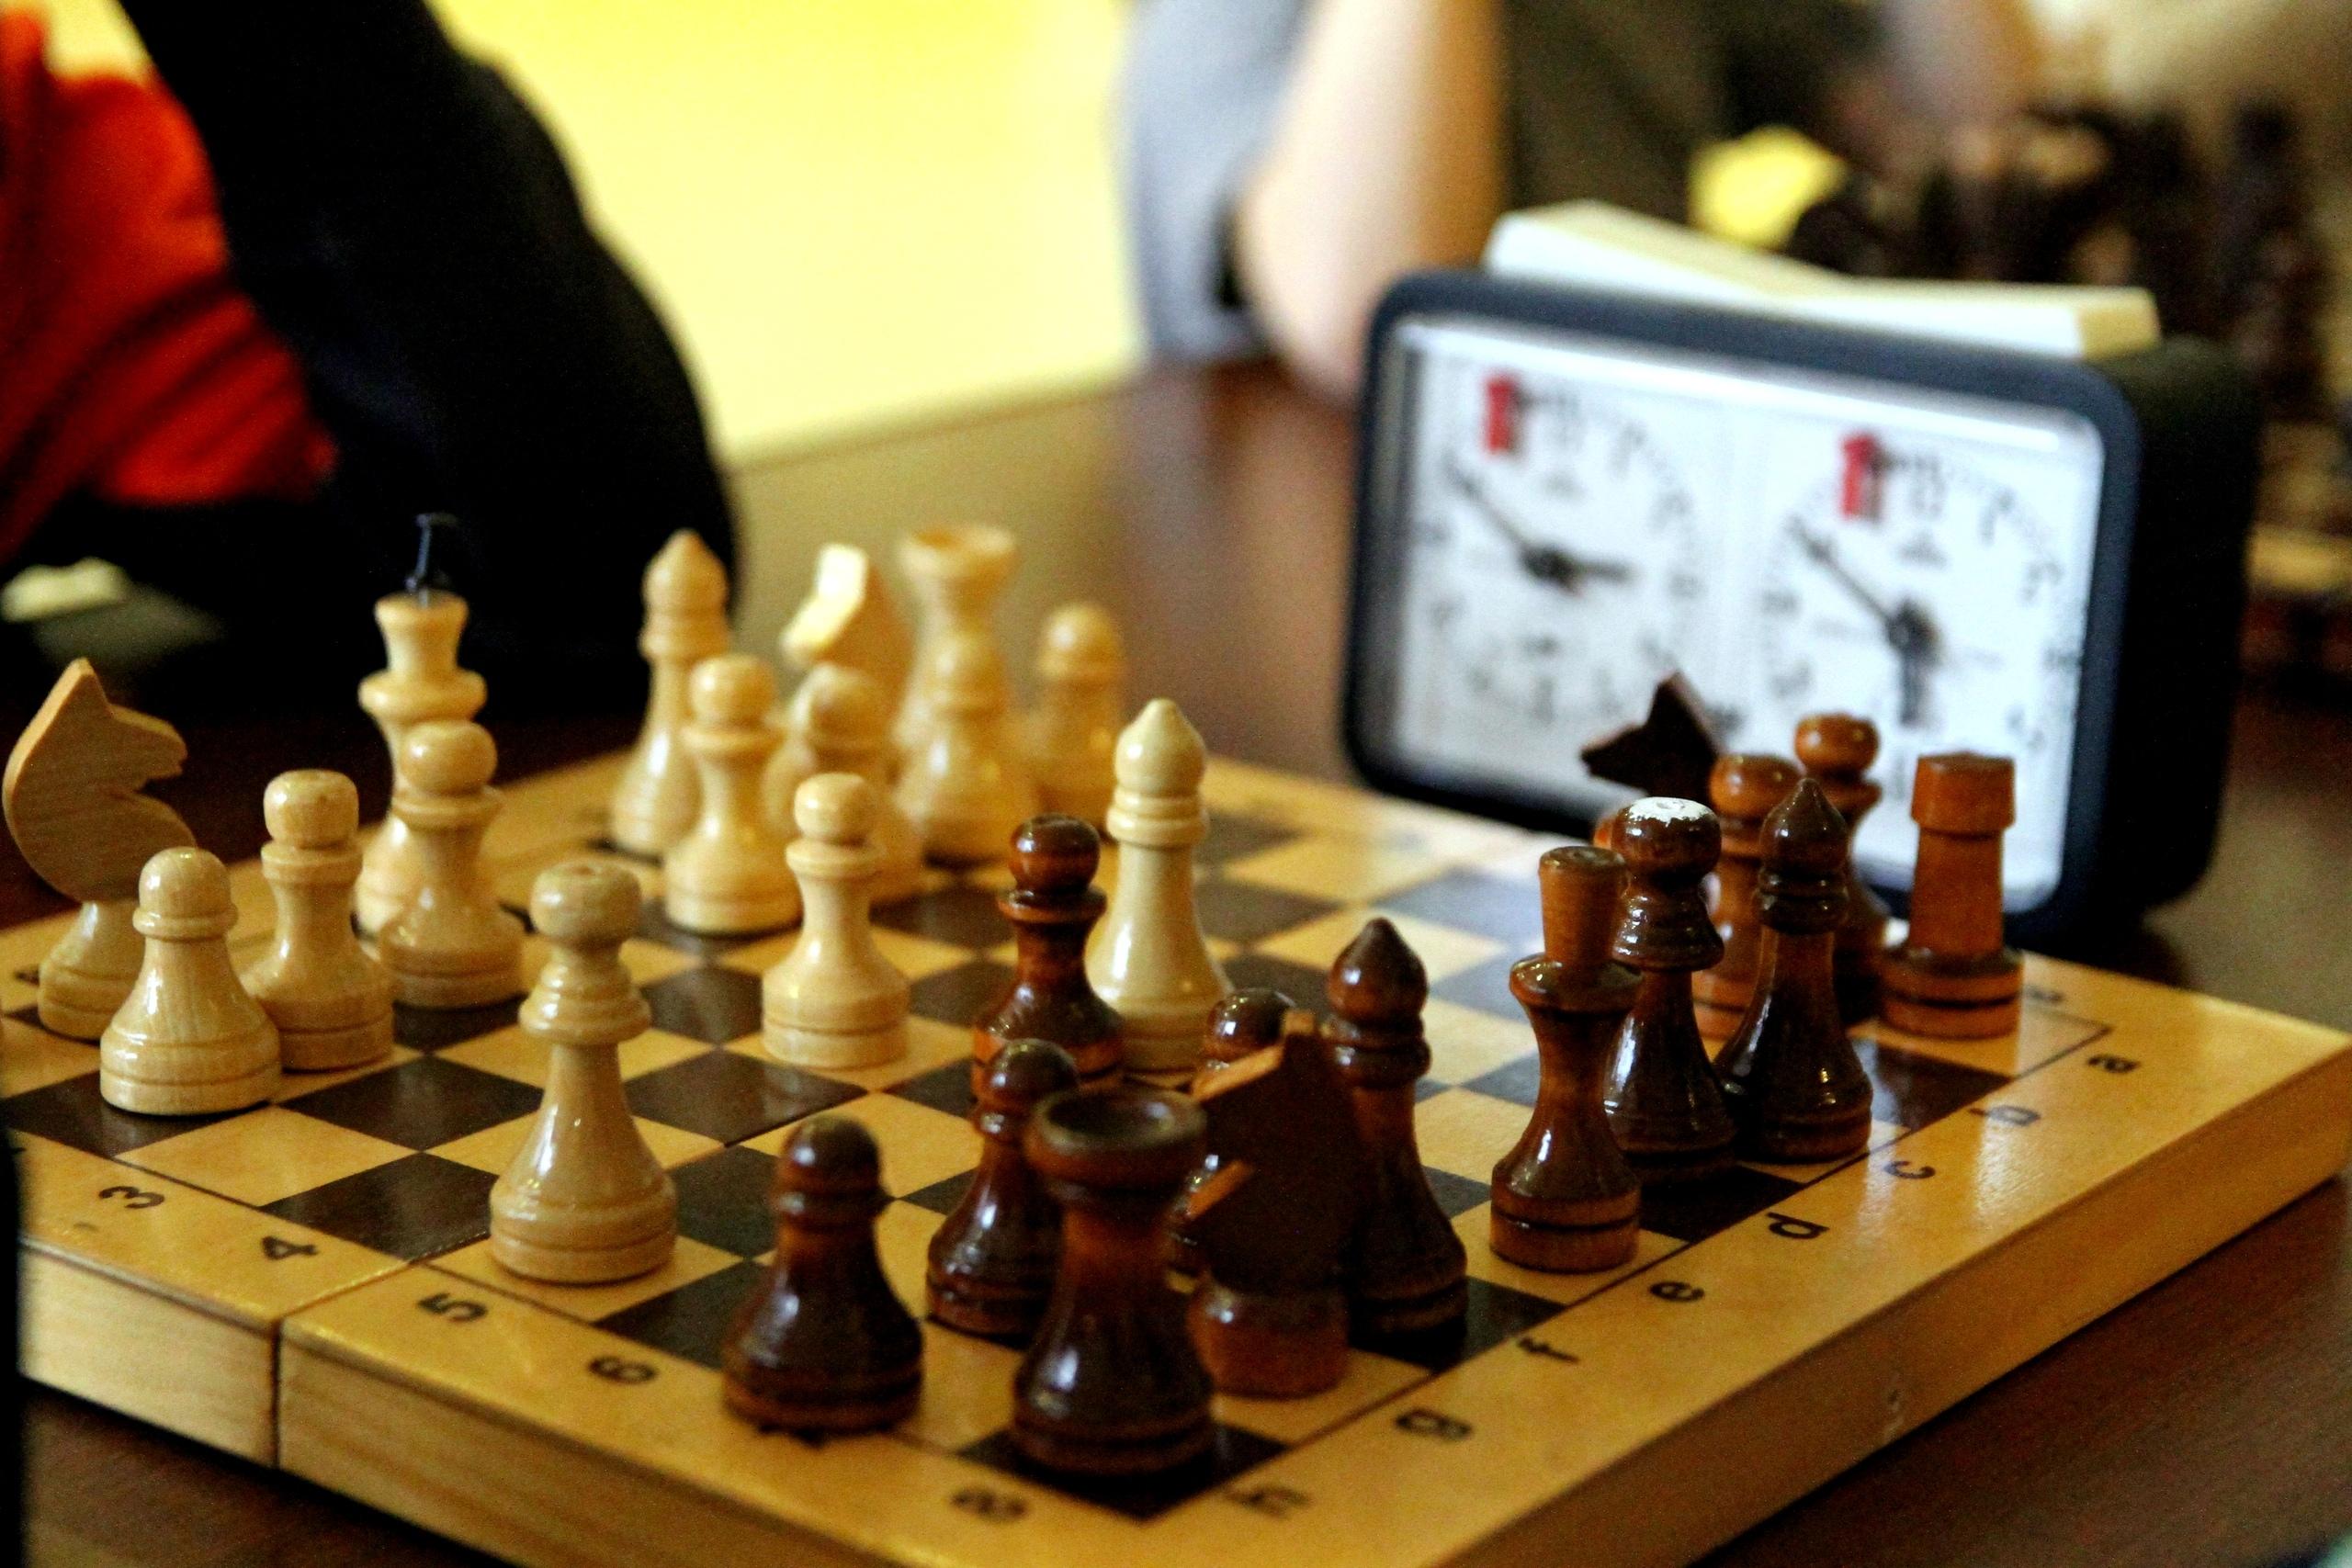 Сотрудники Центра культуры и спорта «Филимонковское» провели этап подготовки к турниру по шахматам